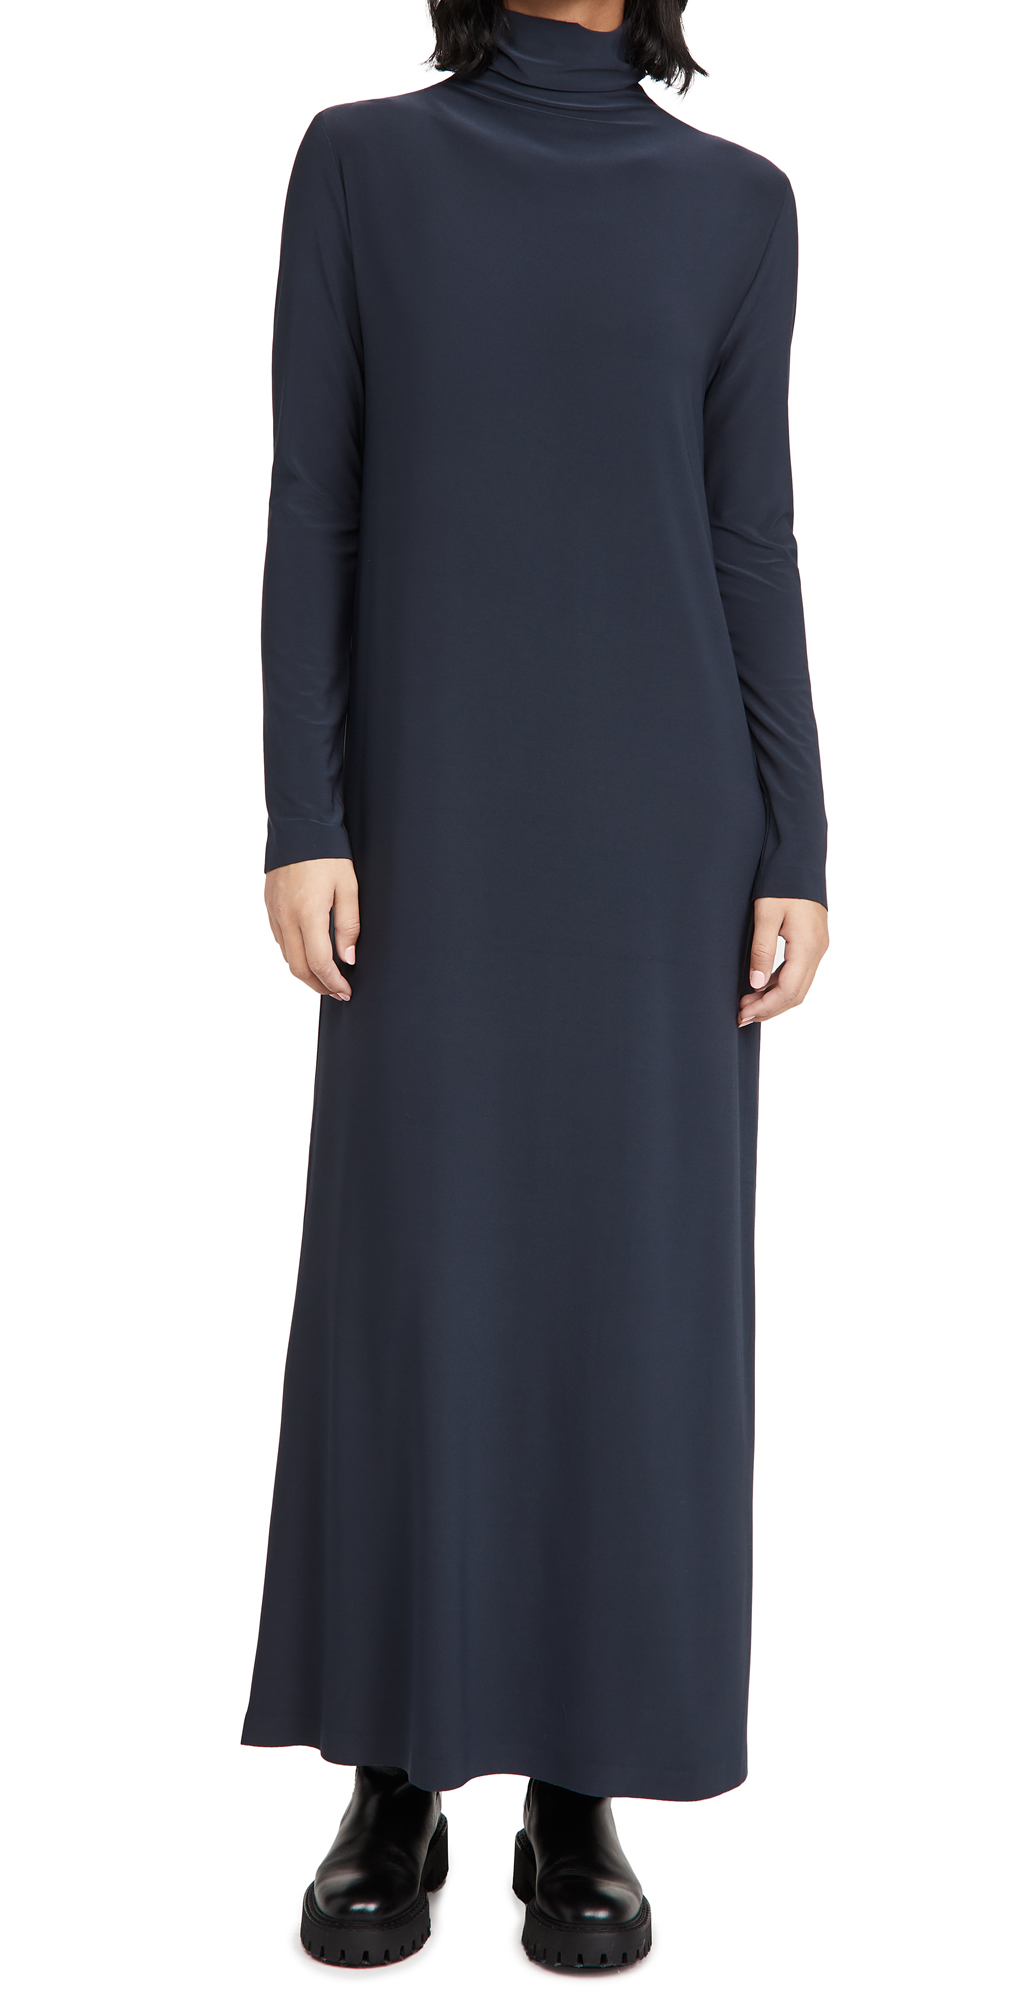 Norma Kamali Long Sleeve Turtleneck Gown